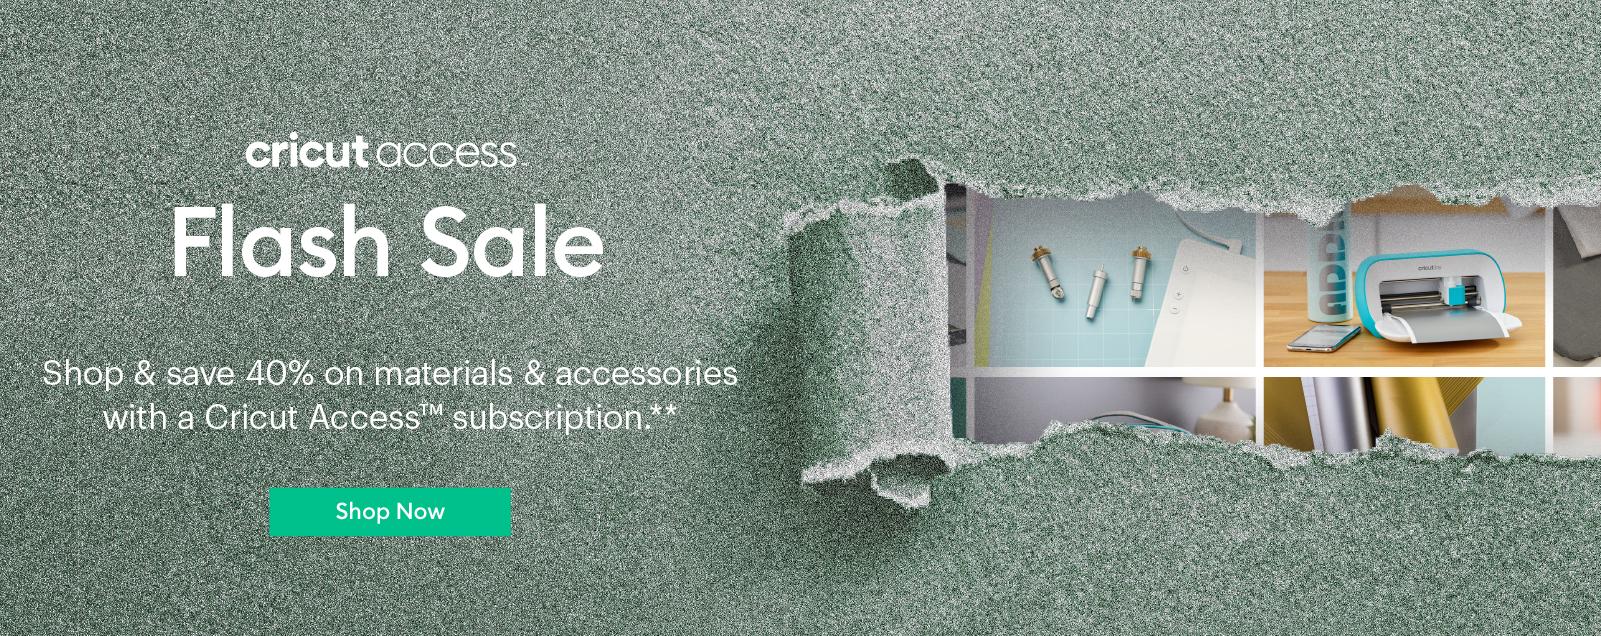 Cricut Access Flash Sale